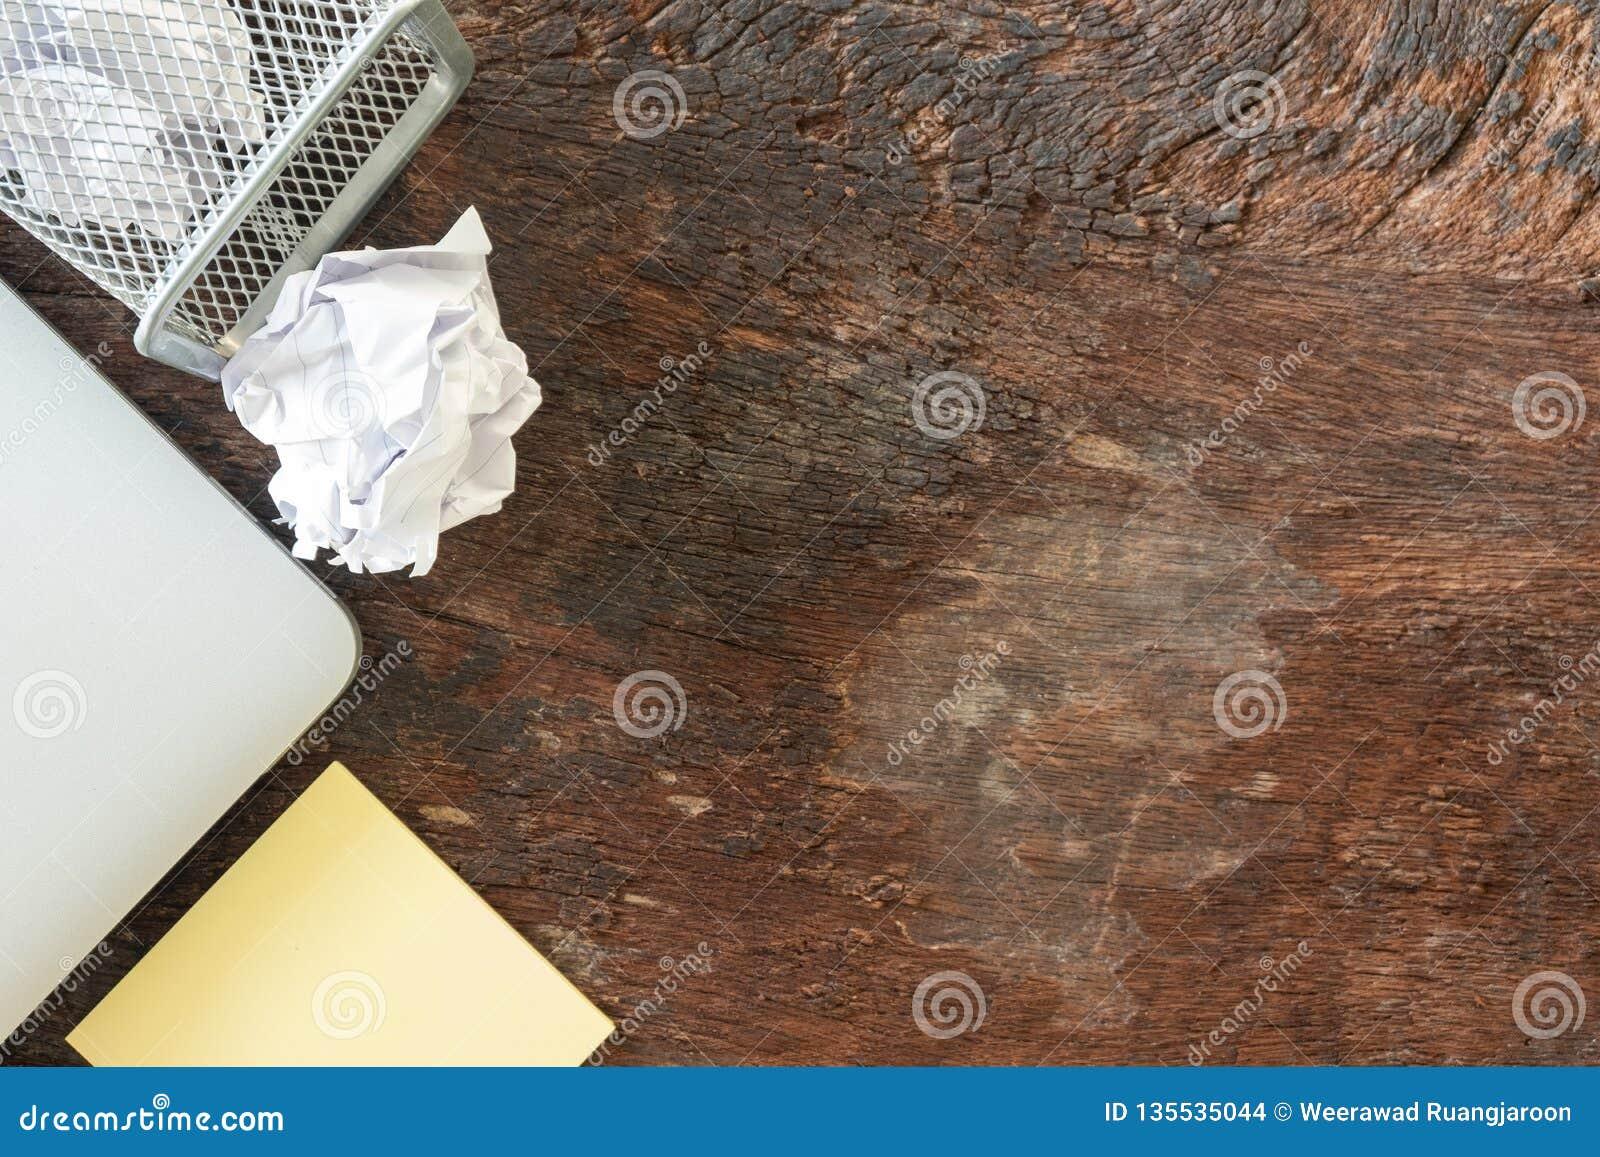 Hoogste mening geen idee - Document afval verfrommel document die aan de recyclingsbak vallen, aan de bak van de metaalmand gewor